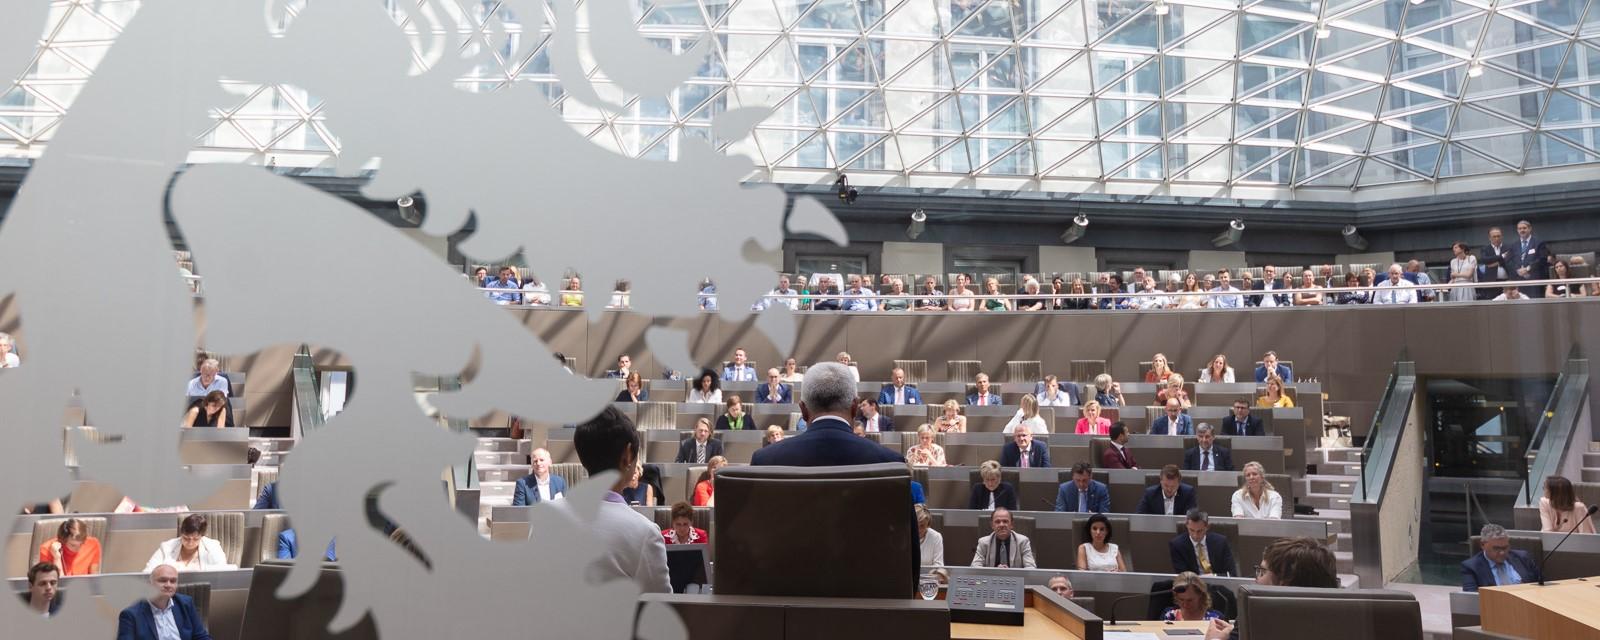 <h2>Groen in het Vlaams Parlement</h2><div>Met de Vlaamse Groenfractie bouwen we aan een positieve tegenbeweging omdat we geloven dat het anders, groener en rechtvaardiger kan. Vlaanderen verdient dat.</div>